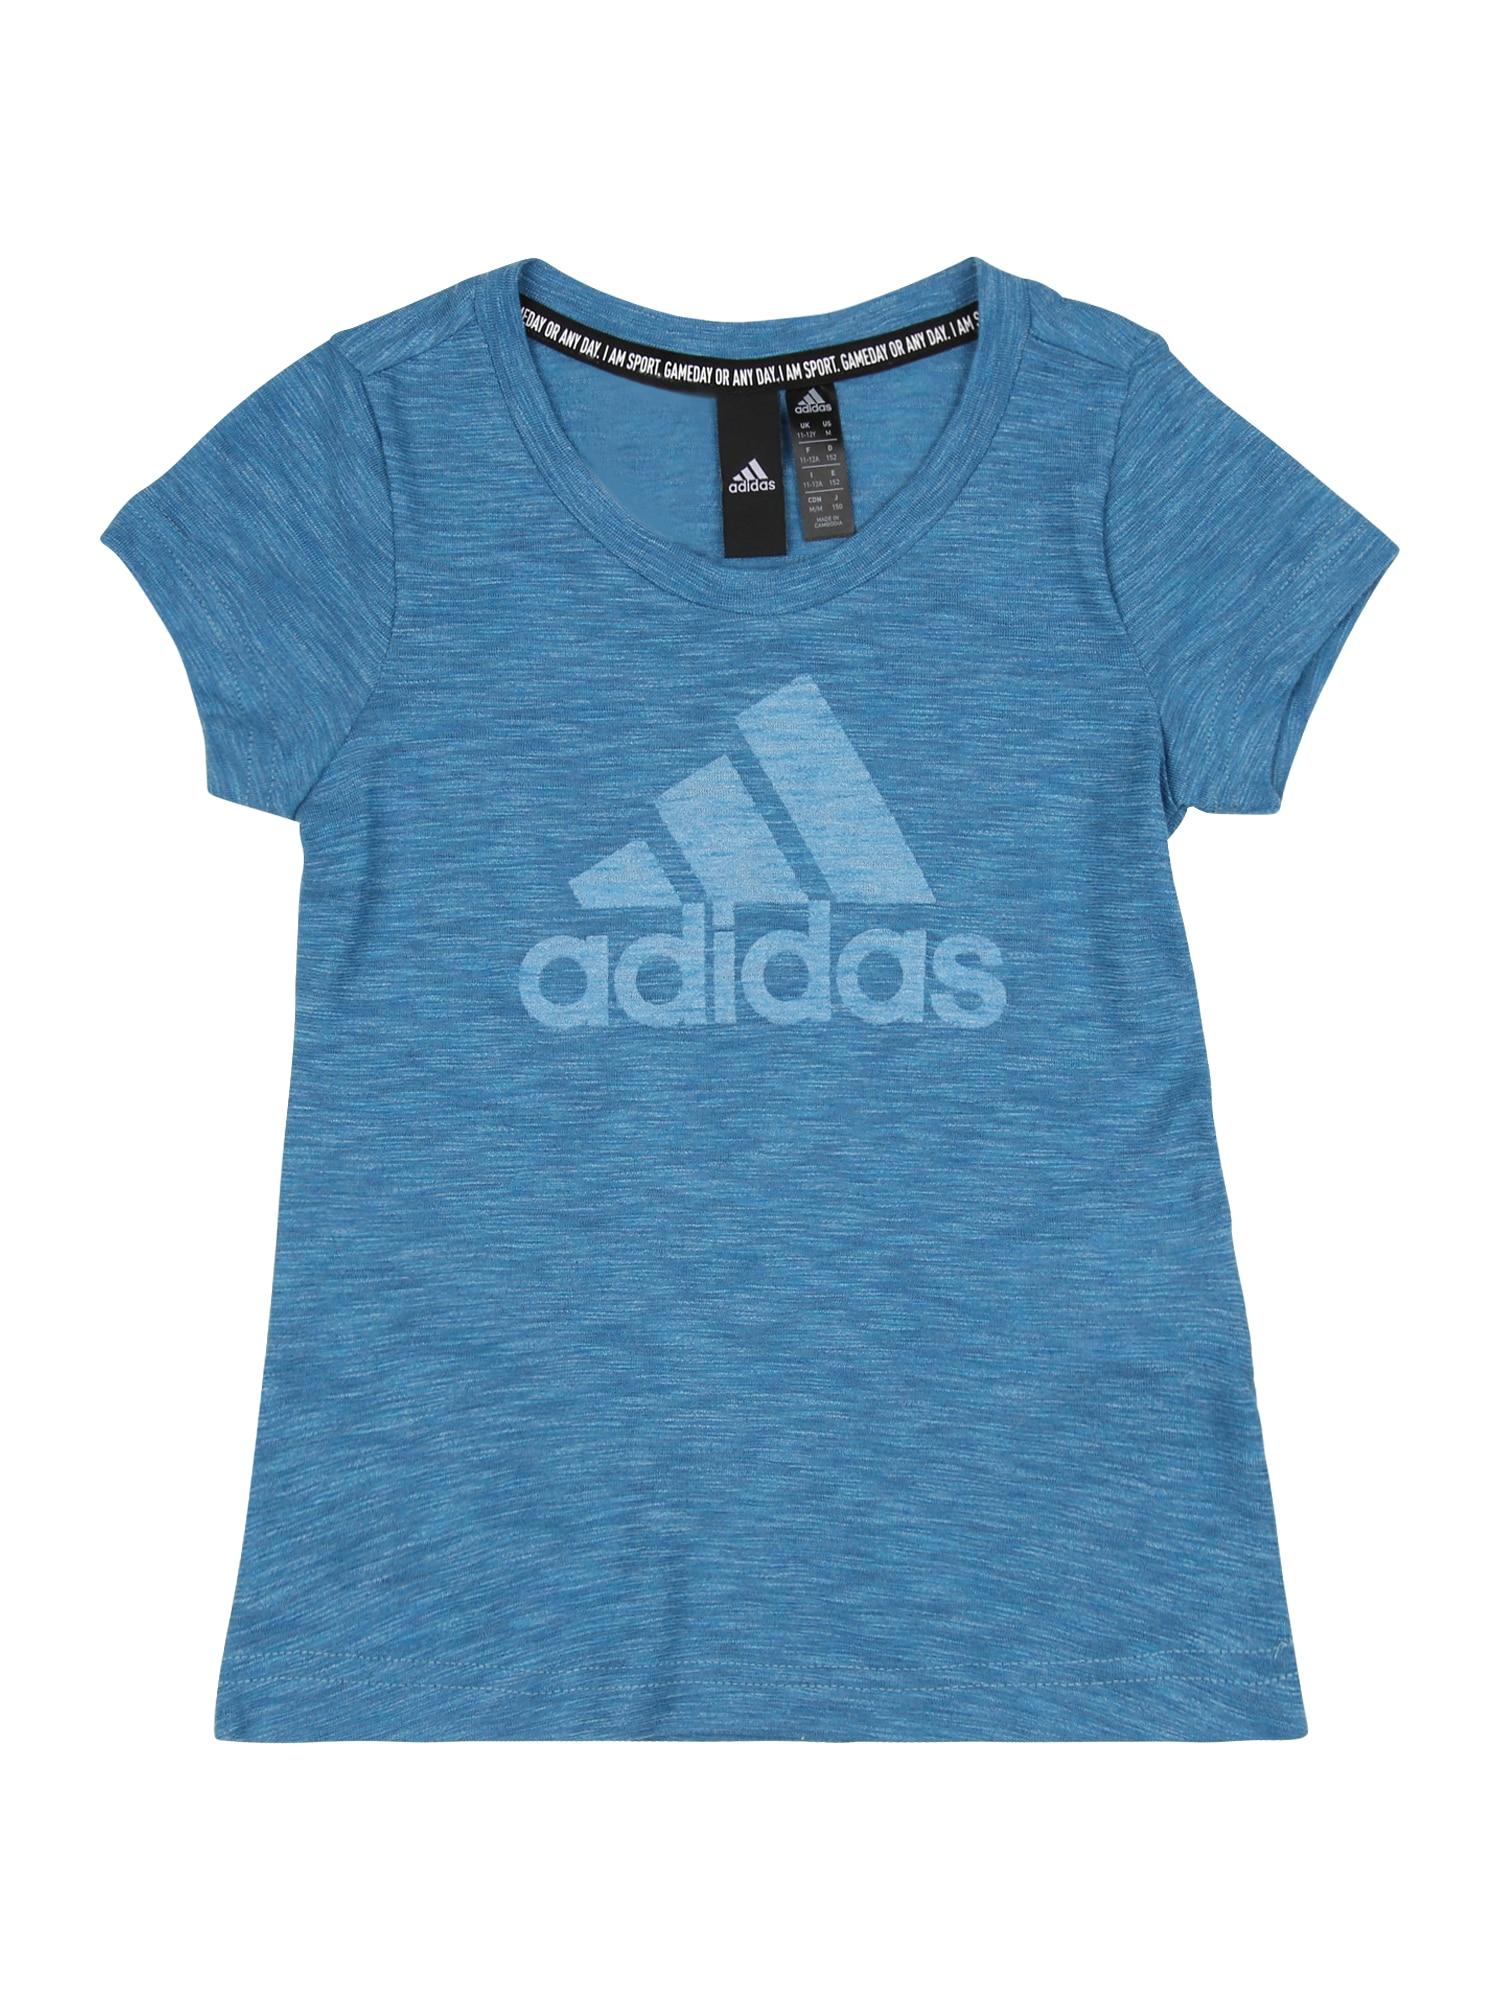 ADIDAS PERFORMANCE Sportiniai marškinėliai margai mėlyna / margai balta